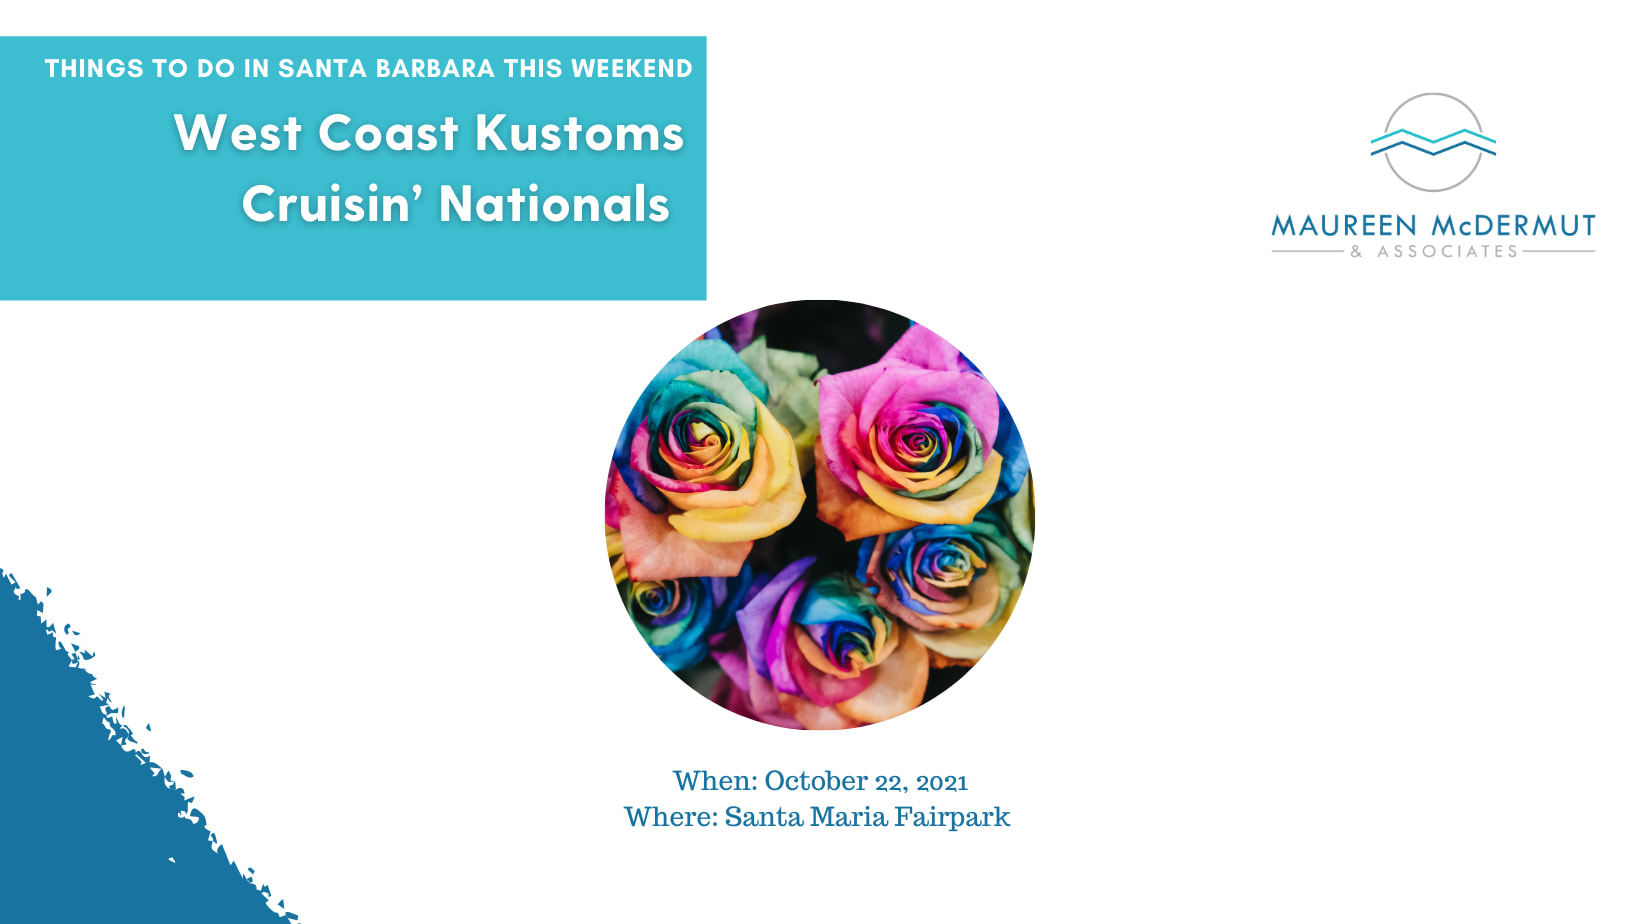 West Coast Kustoms Cruisin' Nationals  image